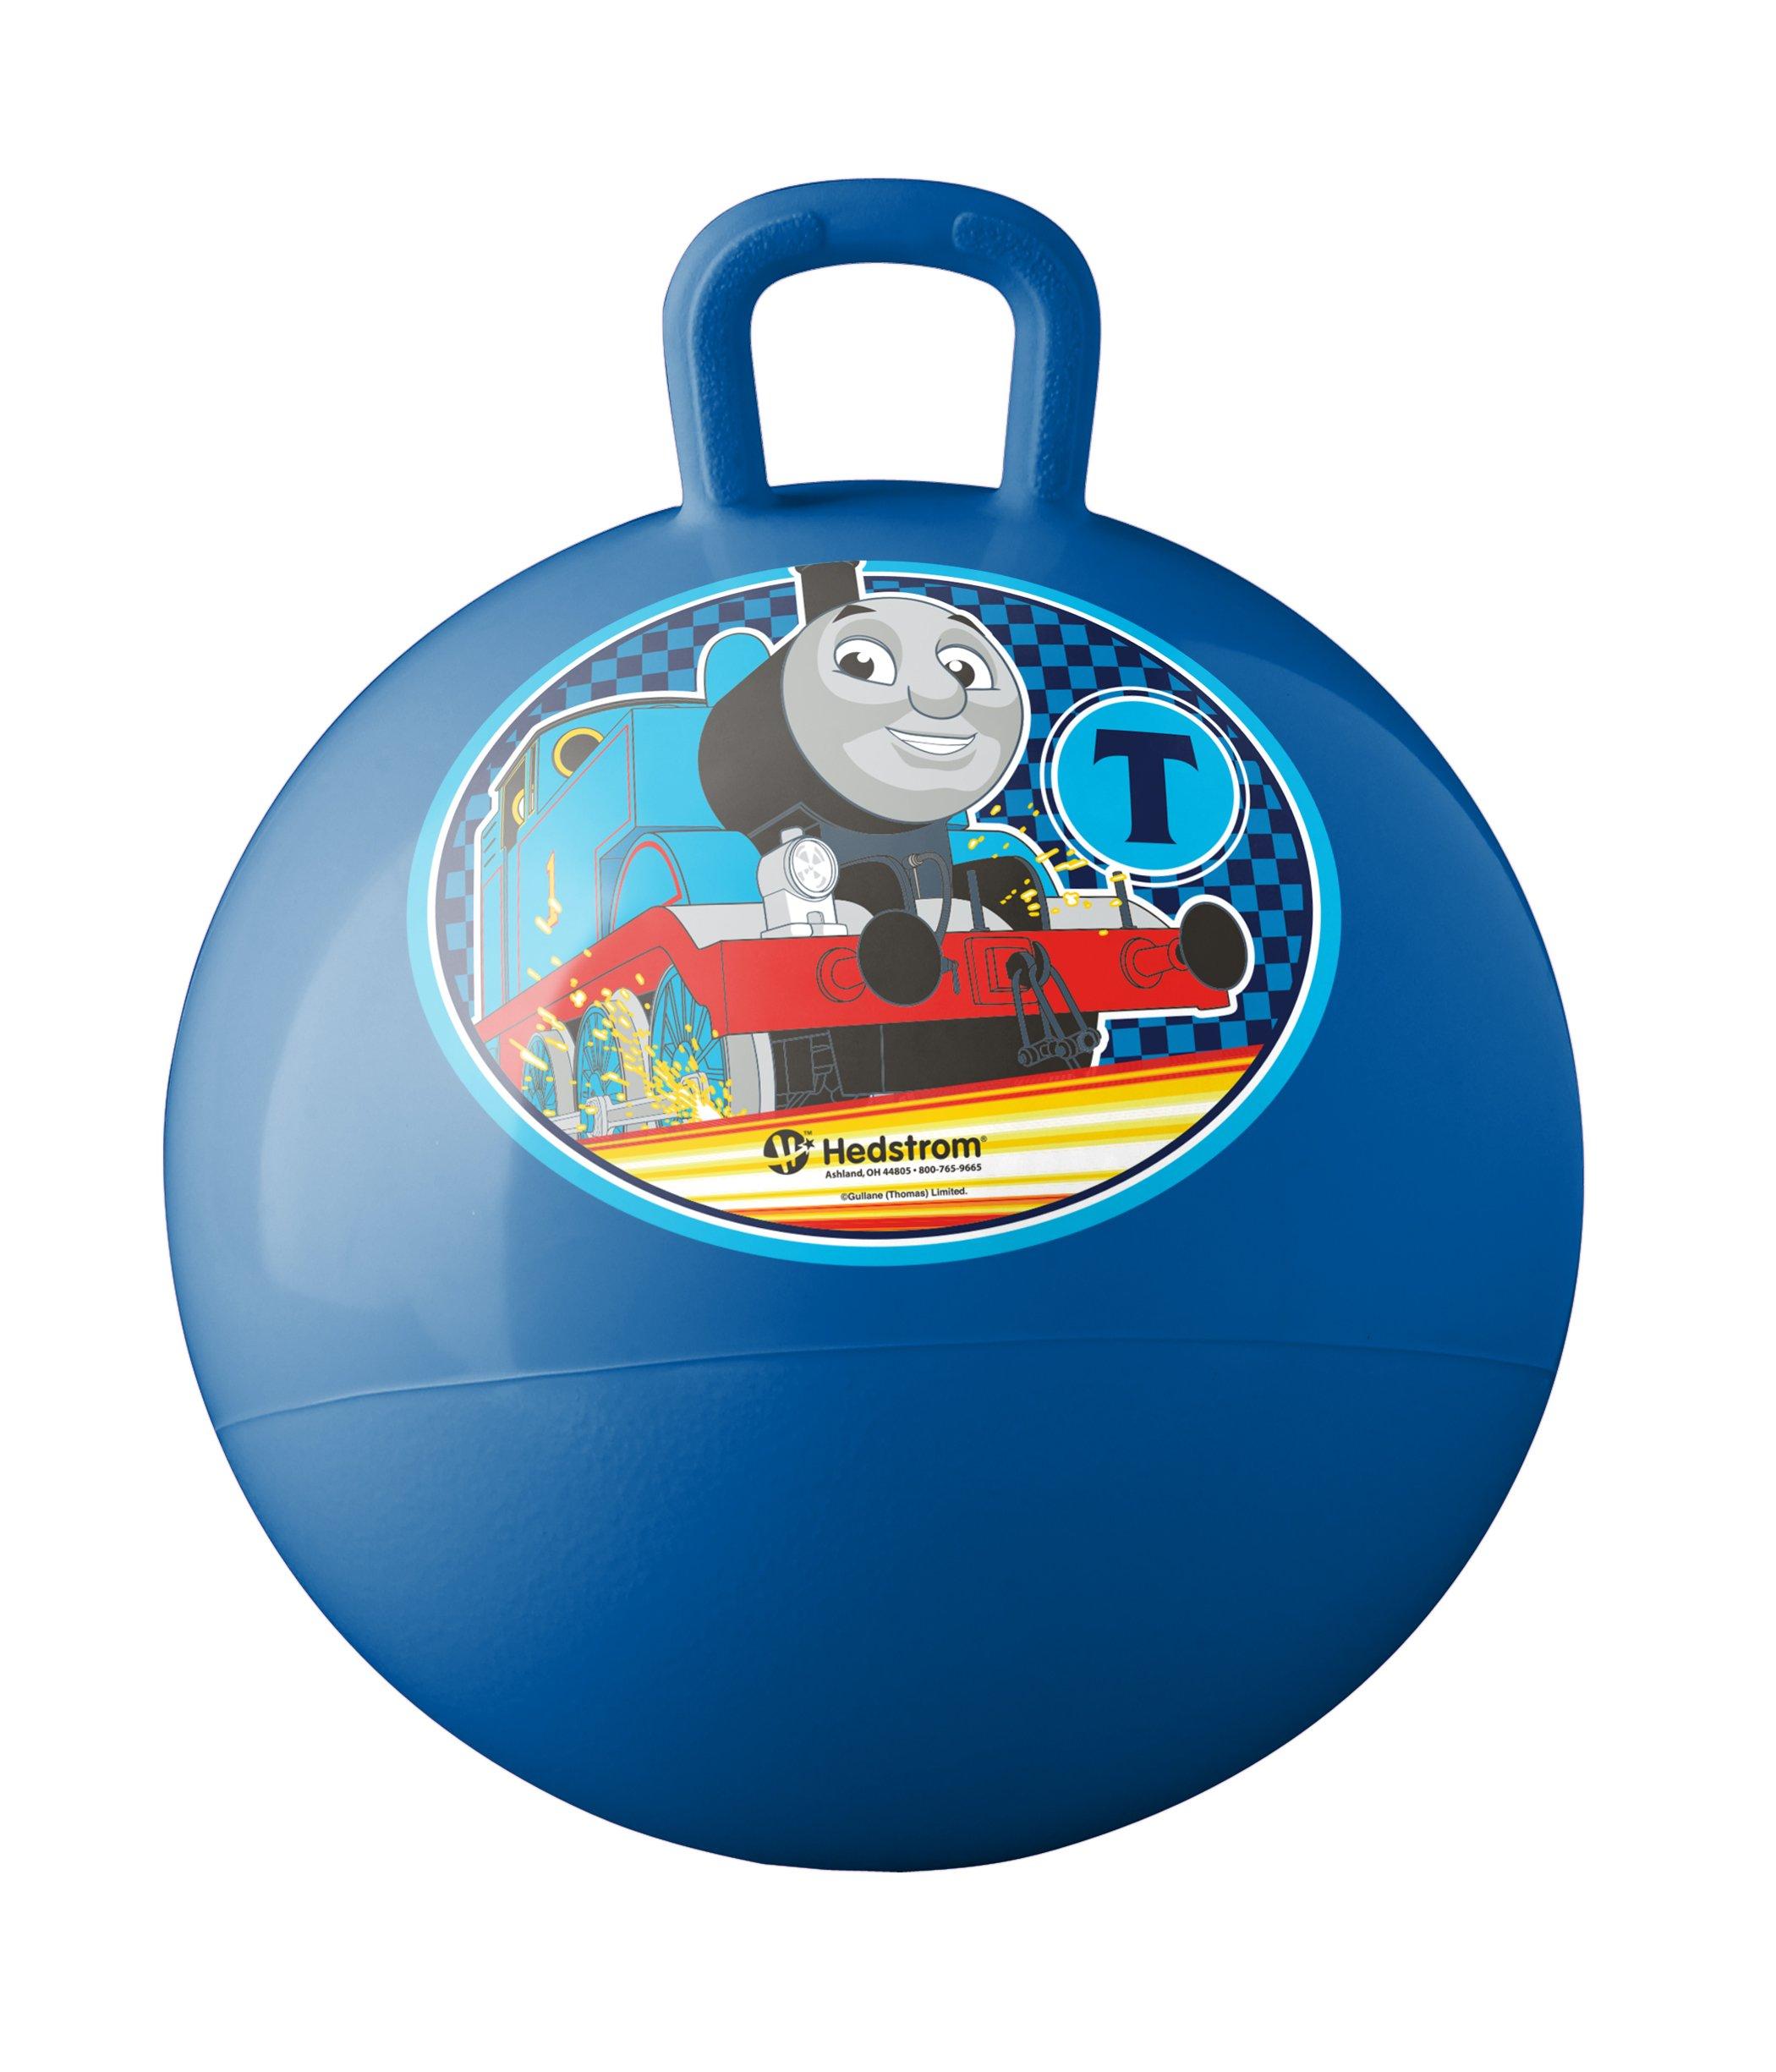 Hedstrom Thomas the Tank Engine Hopper